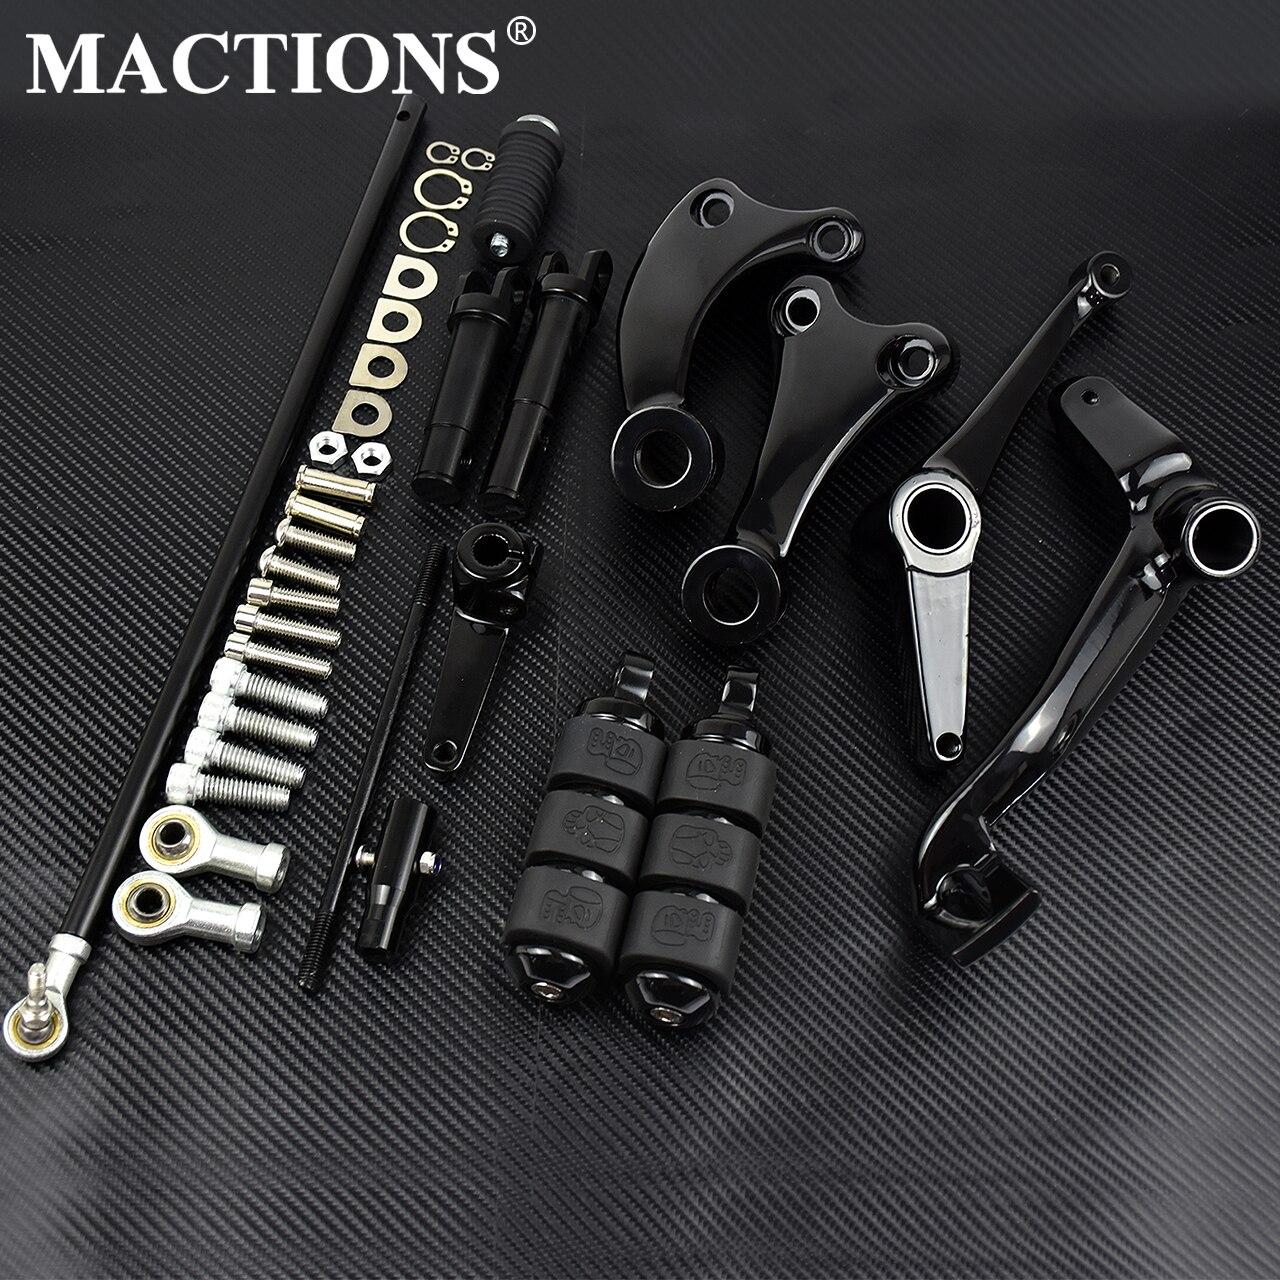 Мотоцикл черный/хром передний контроль полный комплект колышки и рычаги и связи для Harley Sportster XL 883 1200 91-03 04-13 14-2020